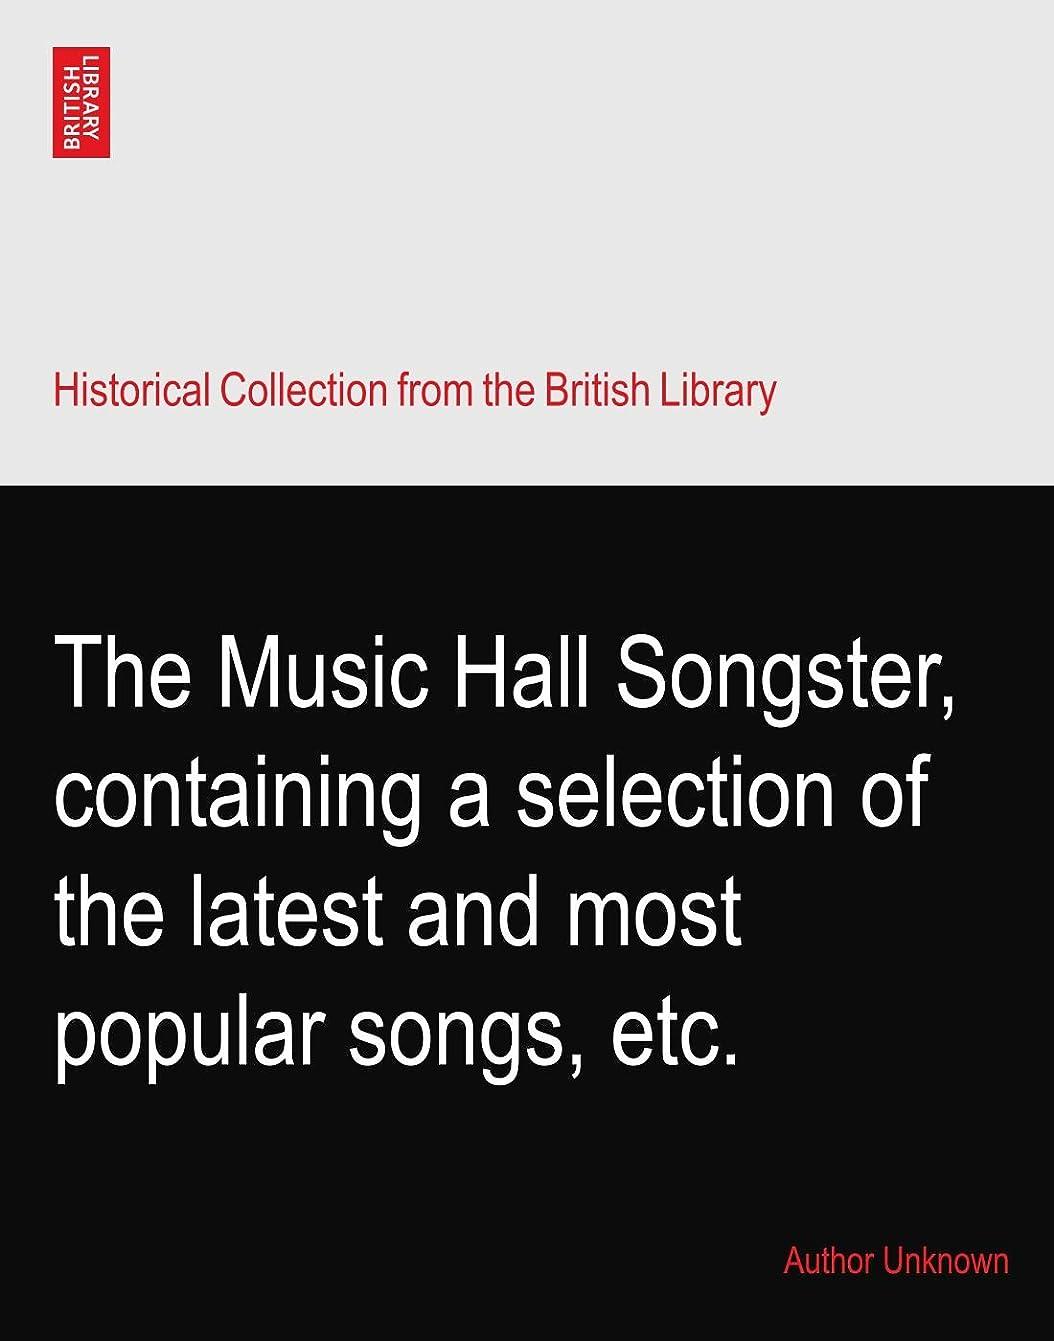 雹クレアランデブーThe Music Hall Songster, containing a selection of the latest and most popular songs, etc.